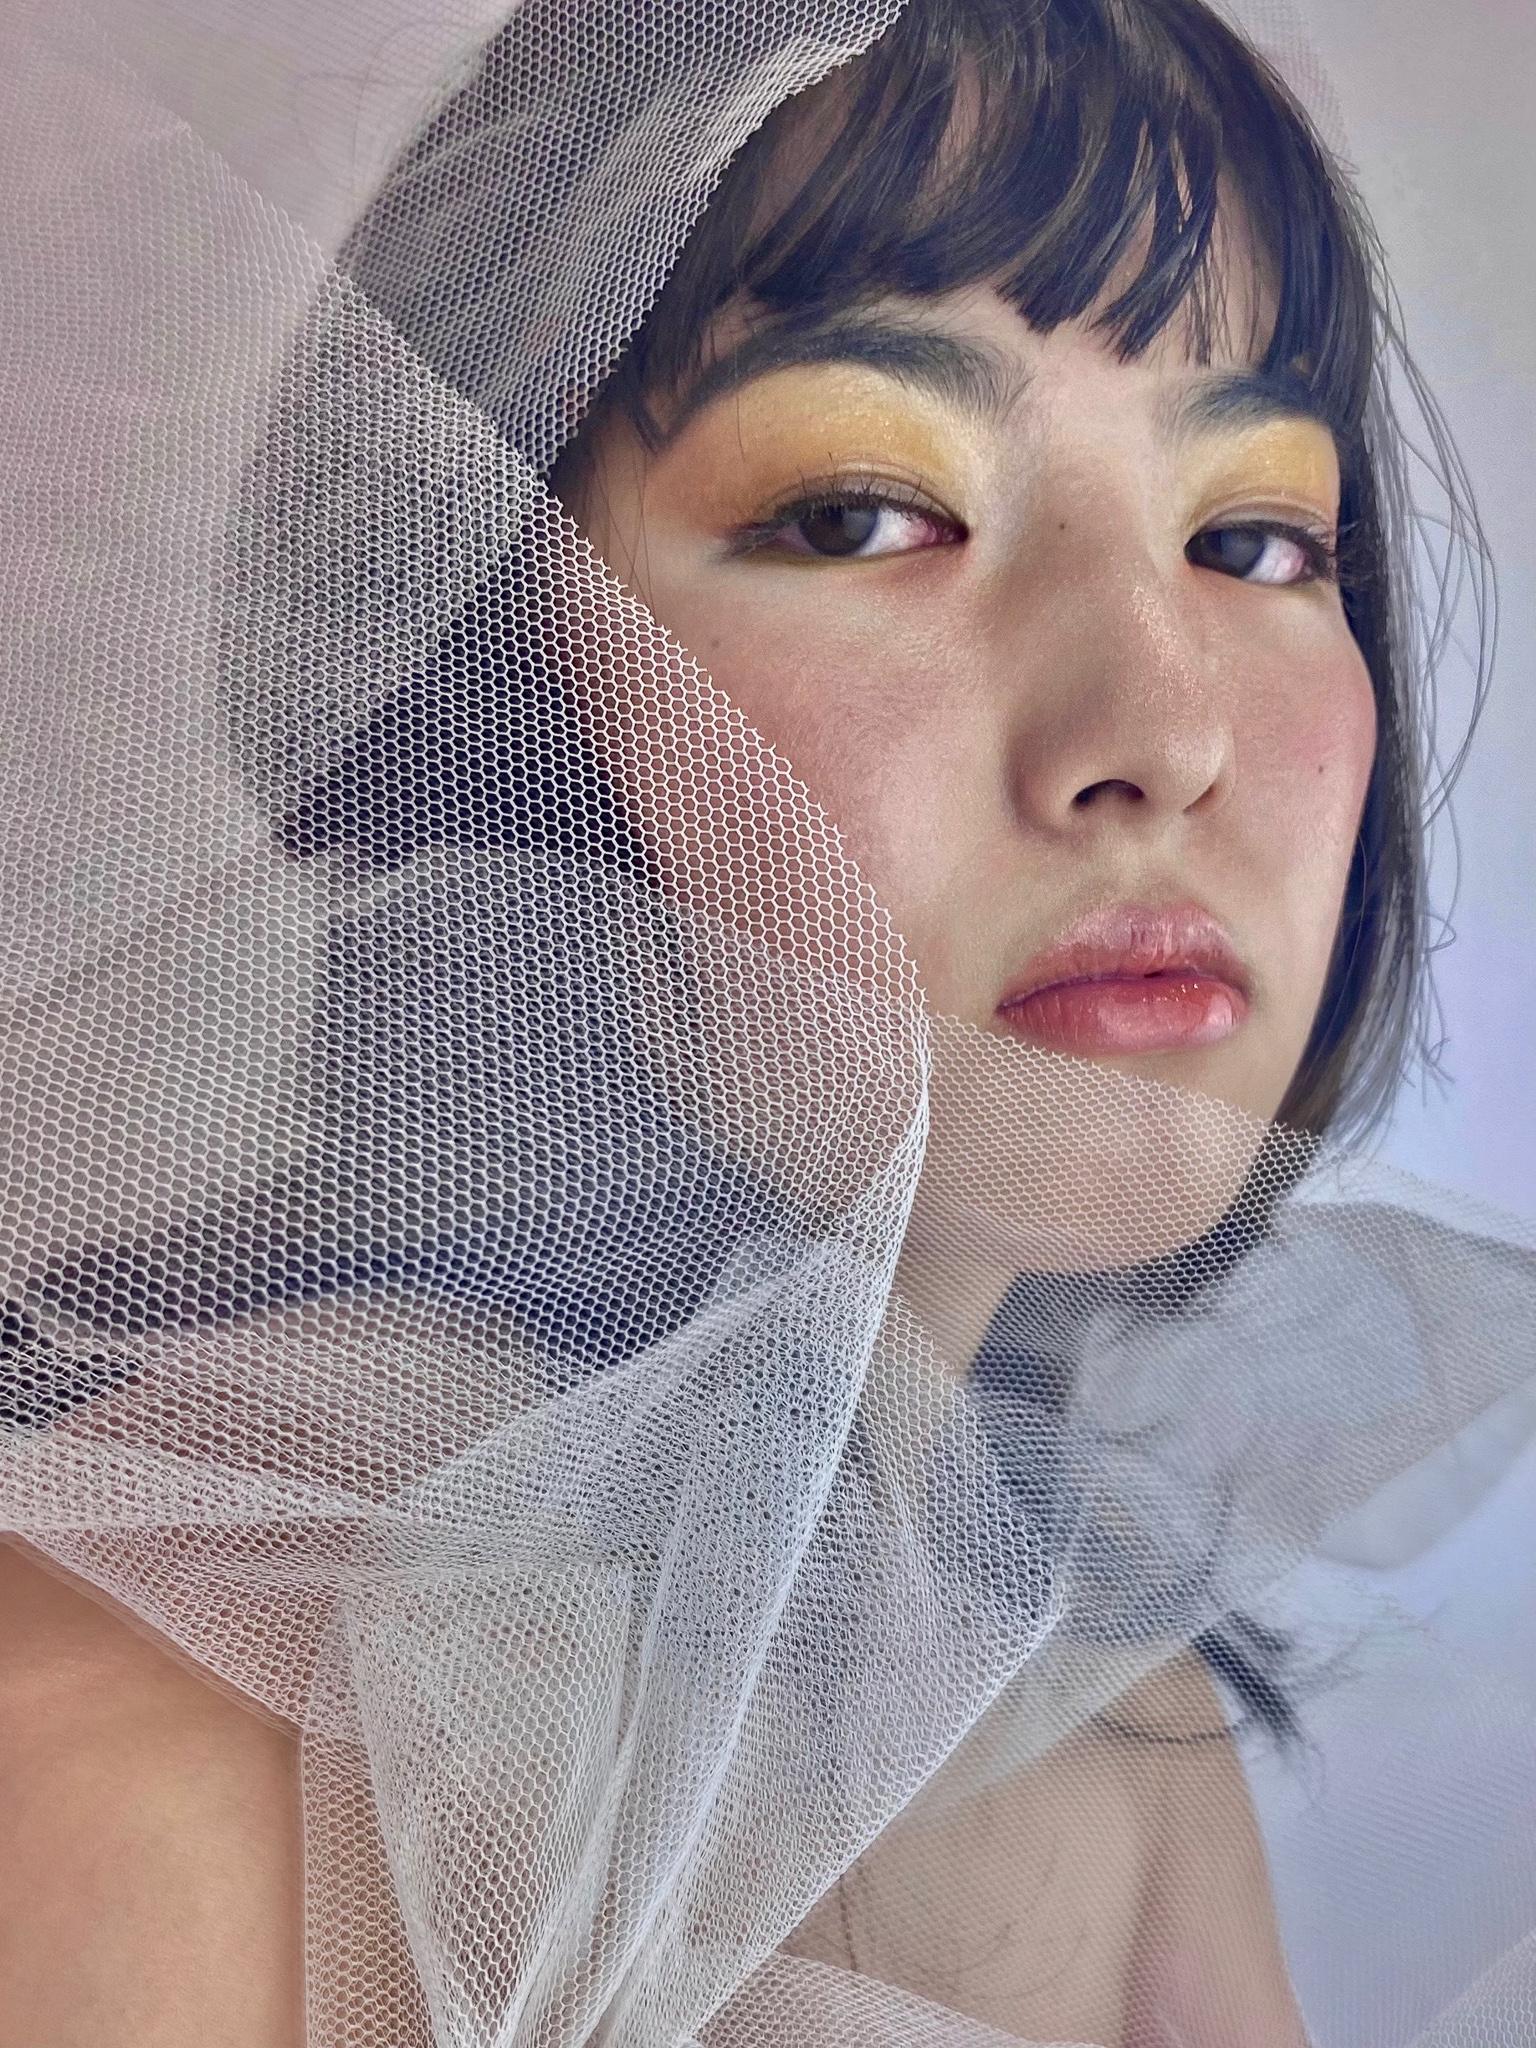 内野 真由子さんの作品画像